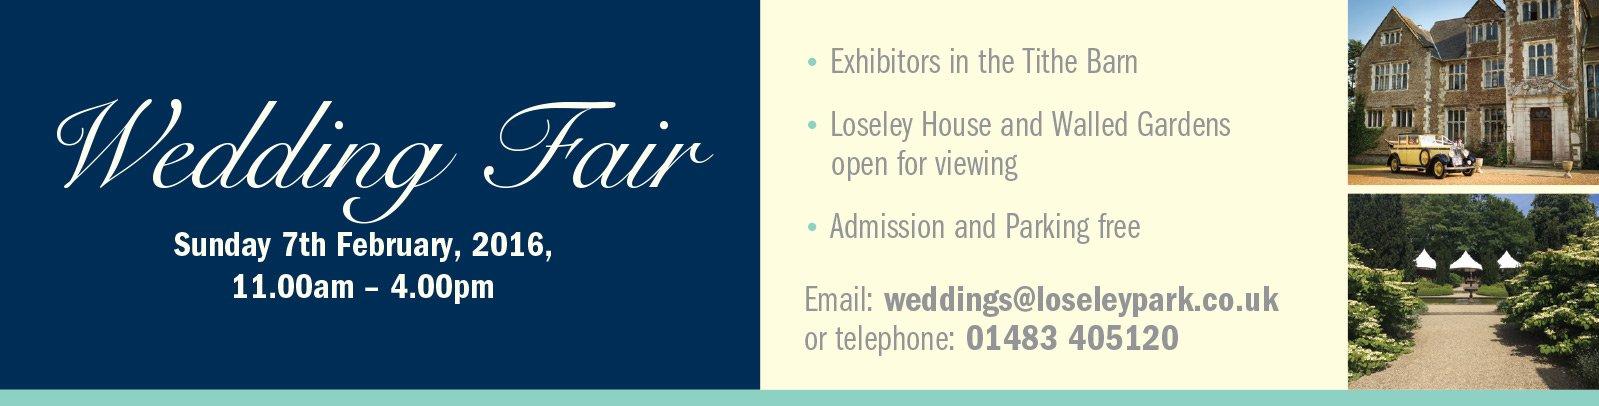 Wedding Fair - Sunday 7th February 2016